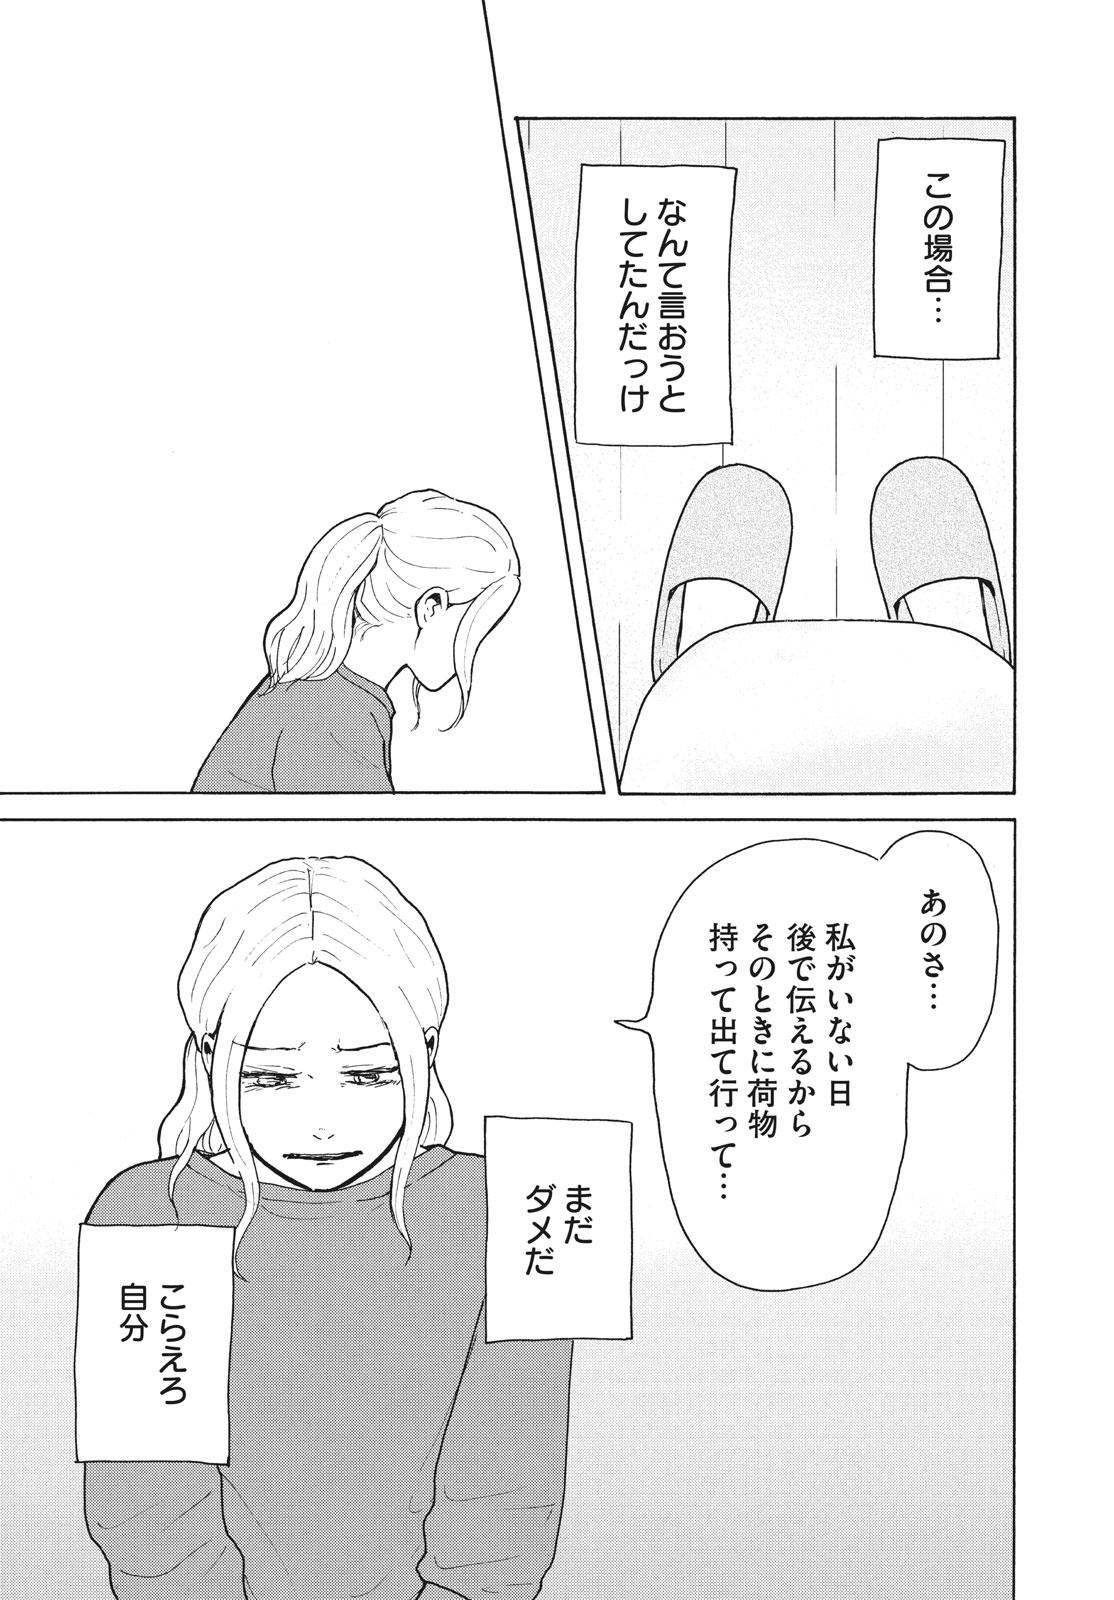 009_30譌・_2020_009_E.jpg